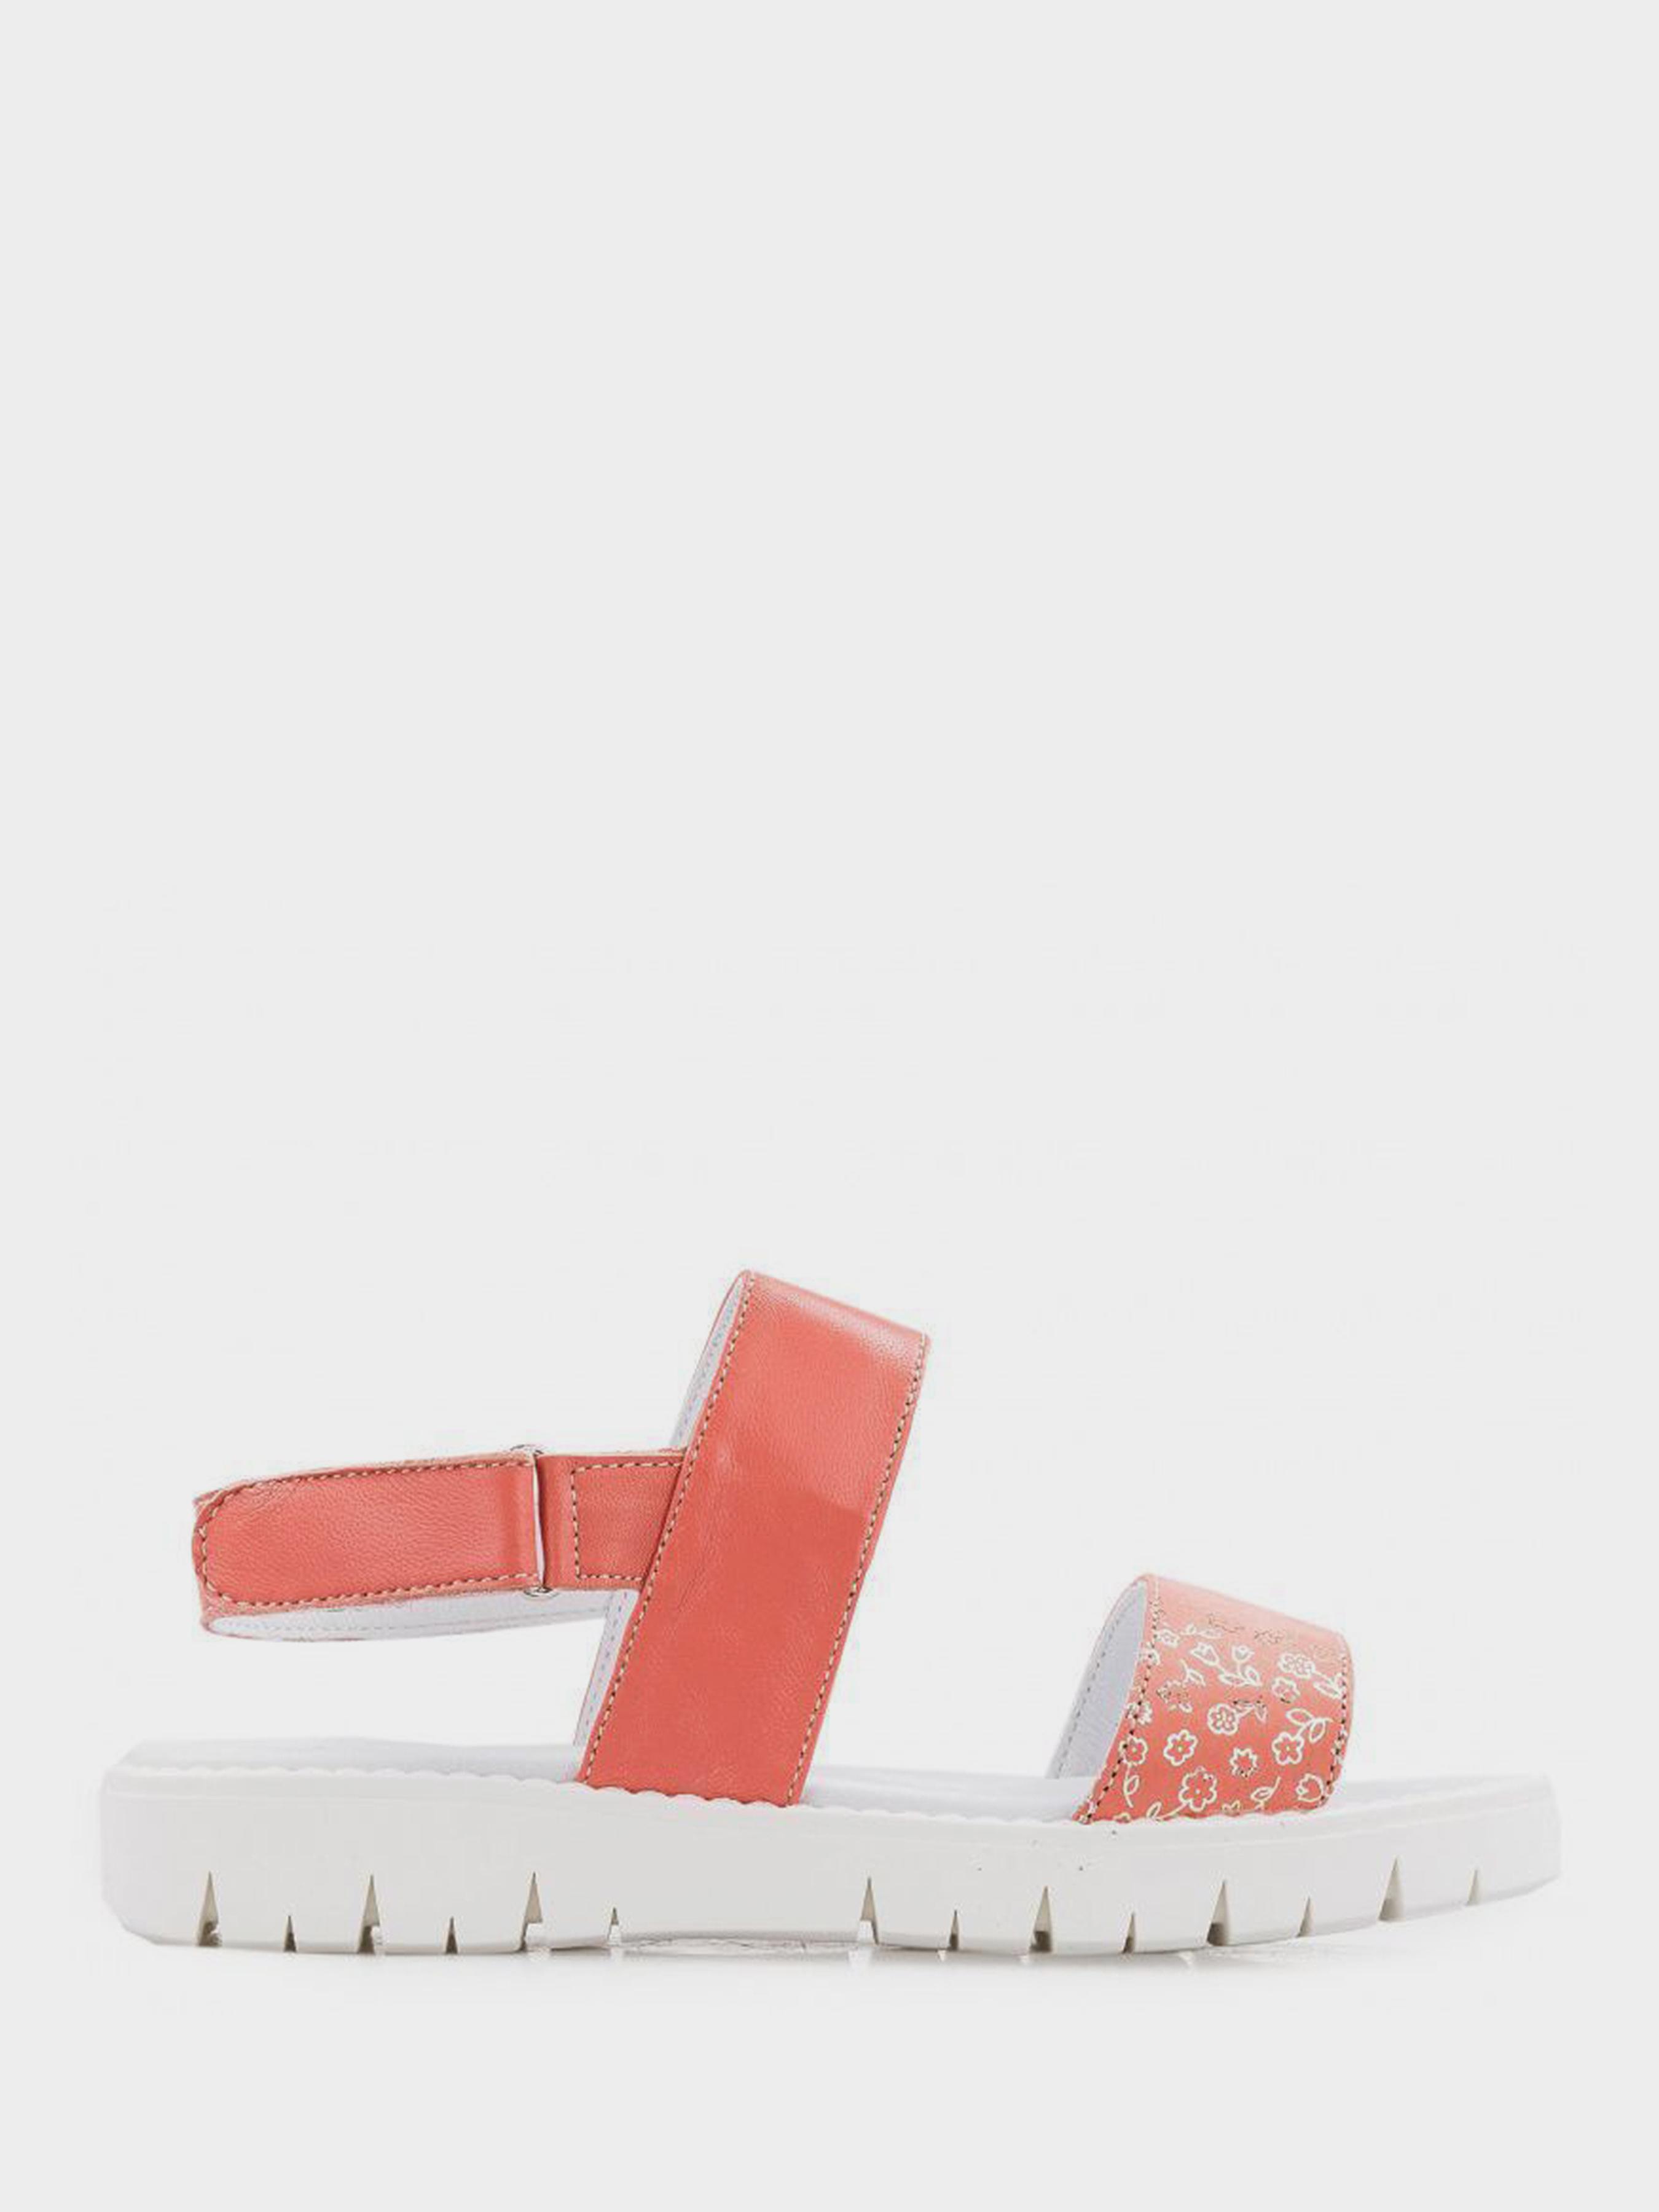 Сандалии для детей Braska Кайрос AE156 модная обувь, 2017